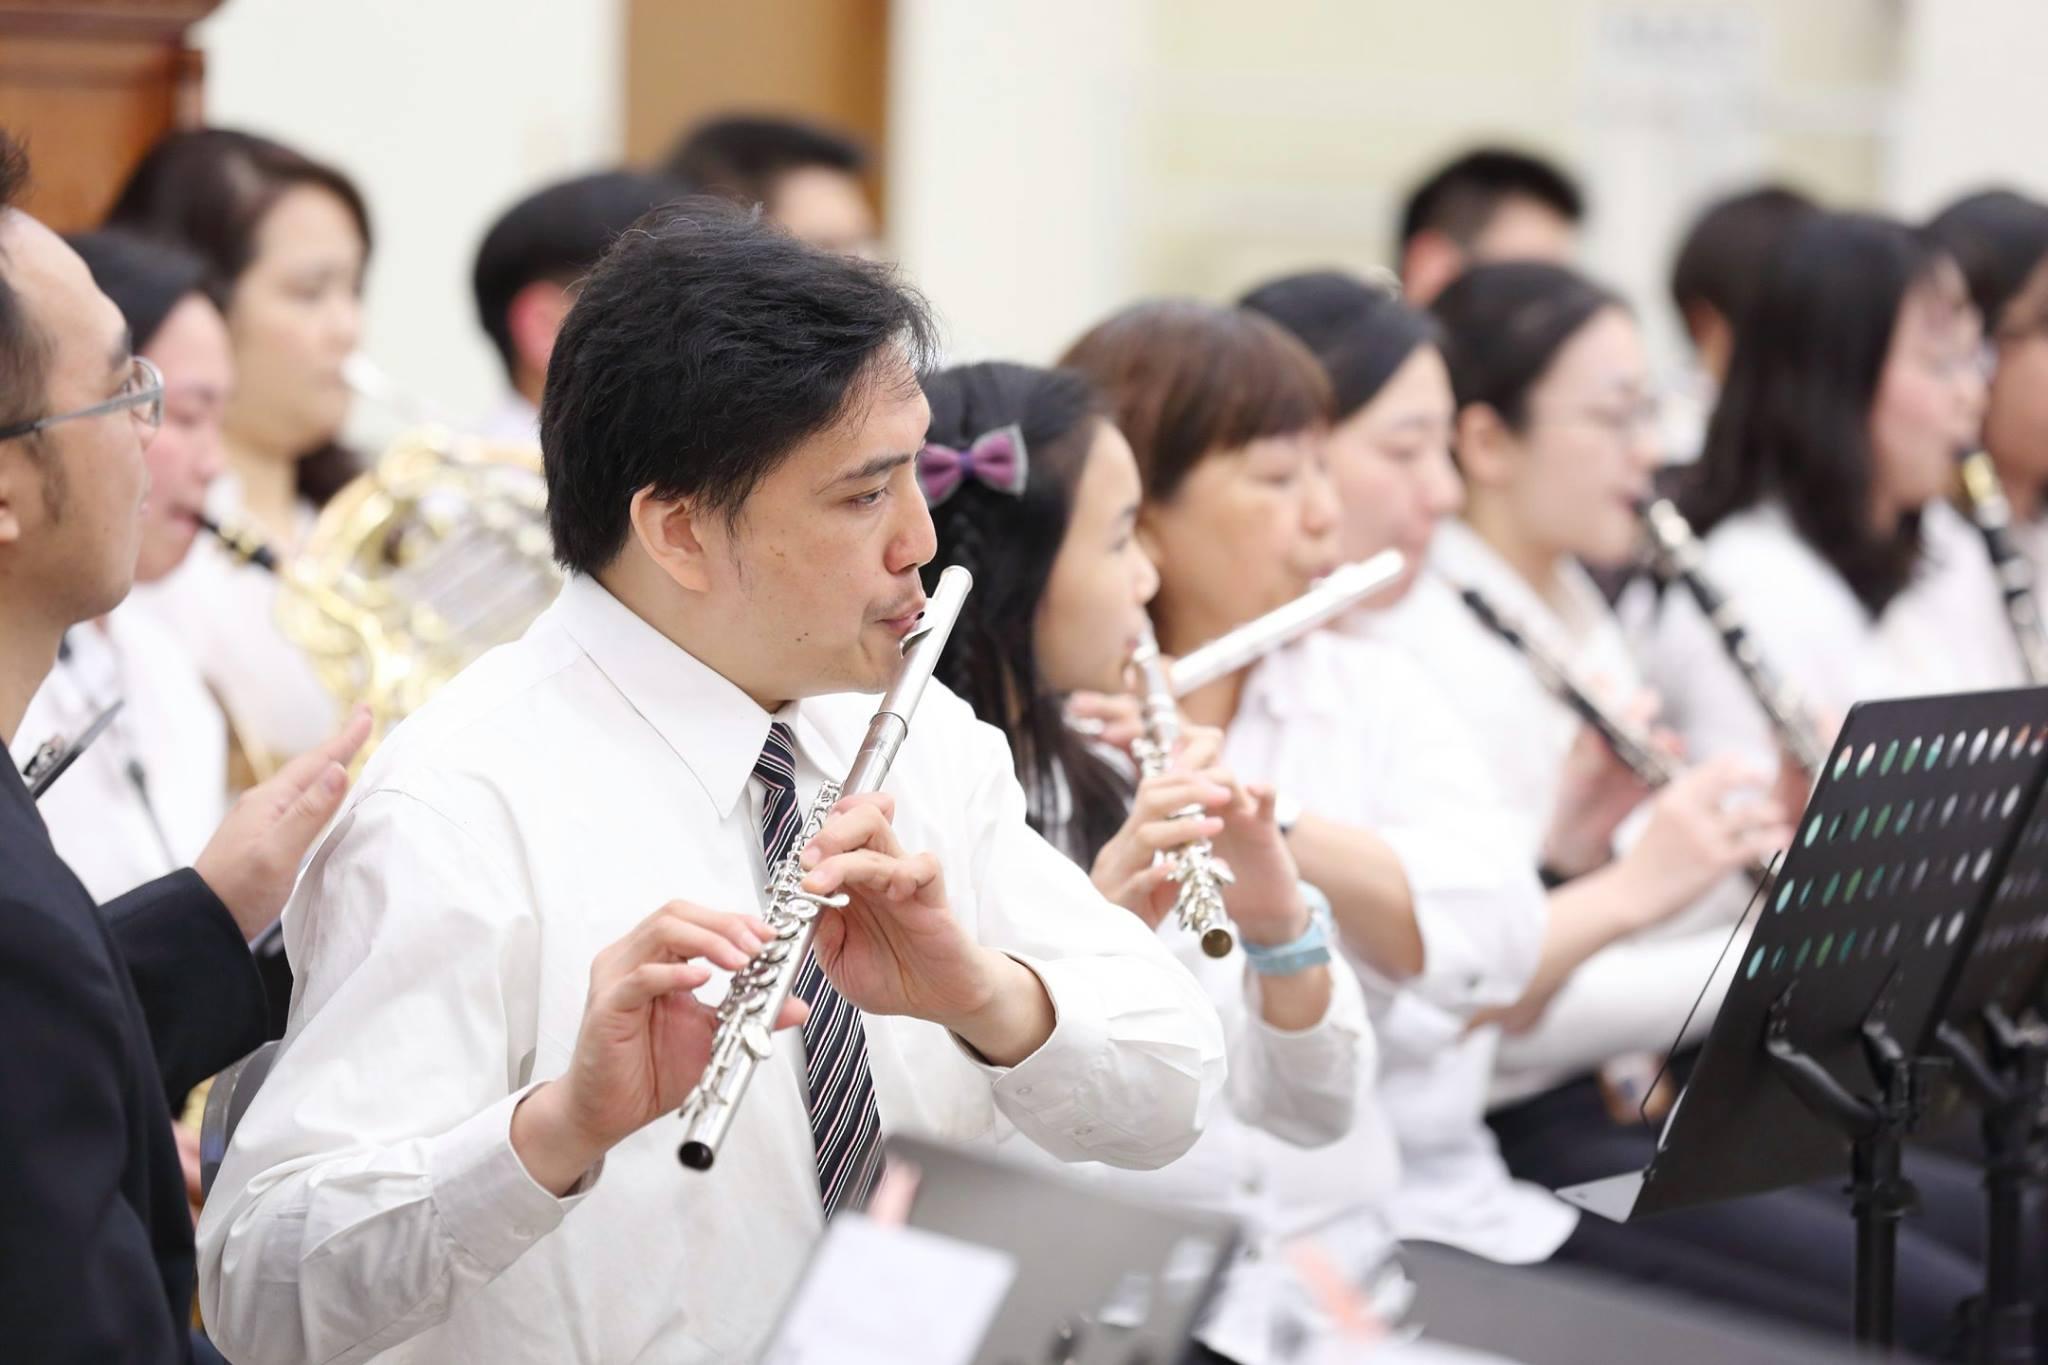 李秉宏長期參加管弦樂團,當律師之前,求職不易,差點要去葬儀隊。